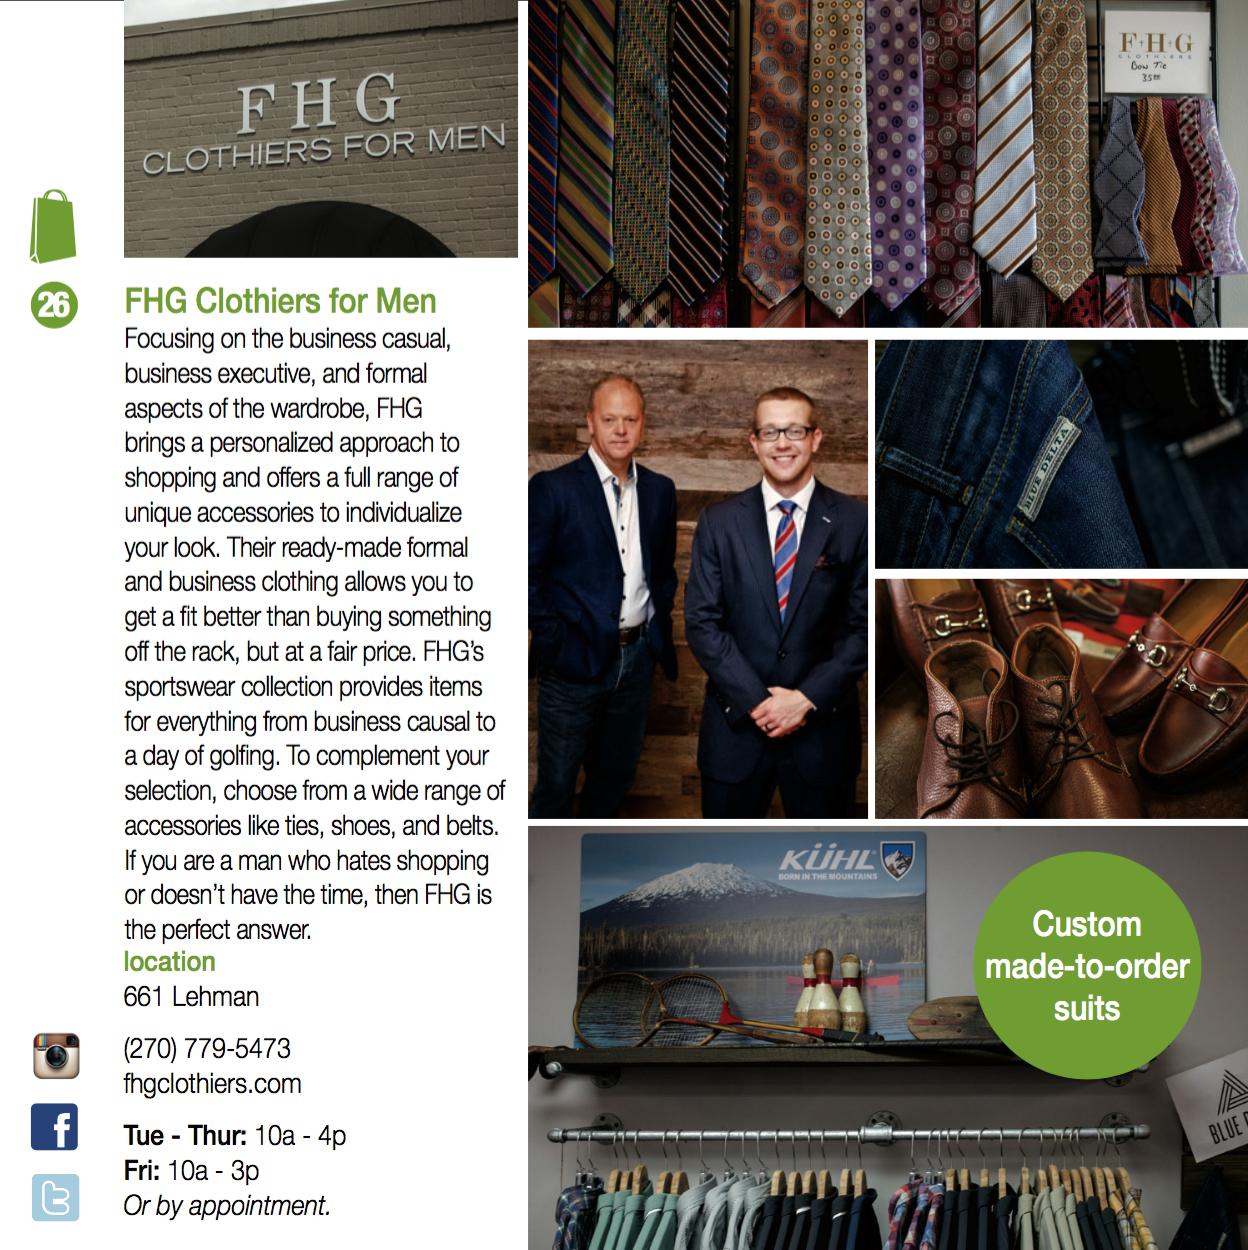 FHG Clothiers